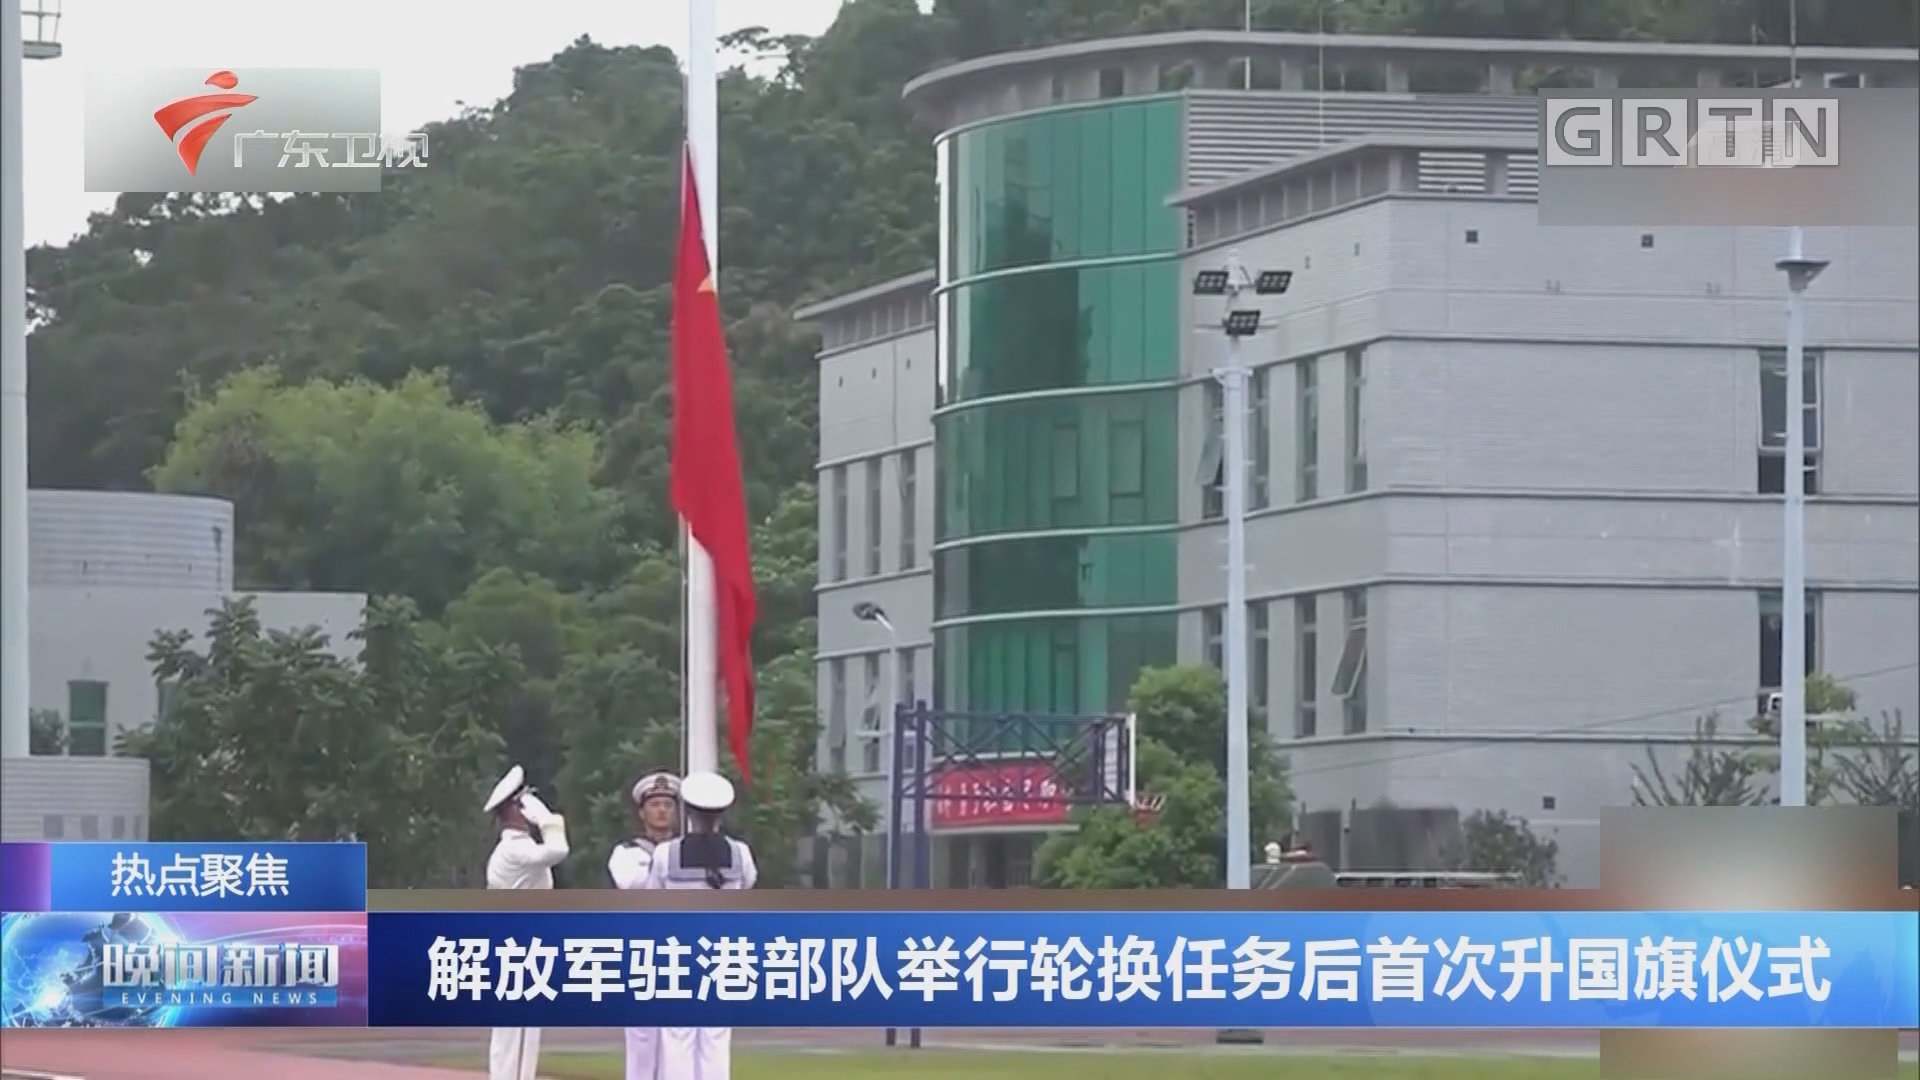 解放军驻港部队举行轮换任务后首次升国旗仪式